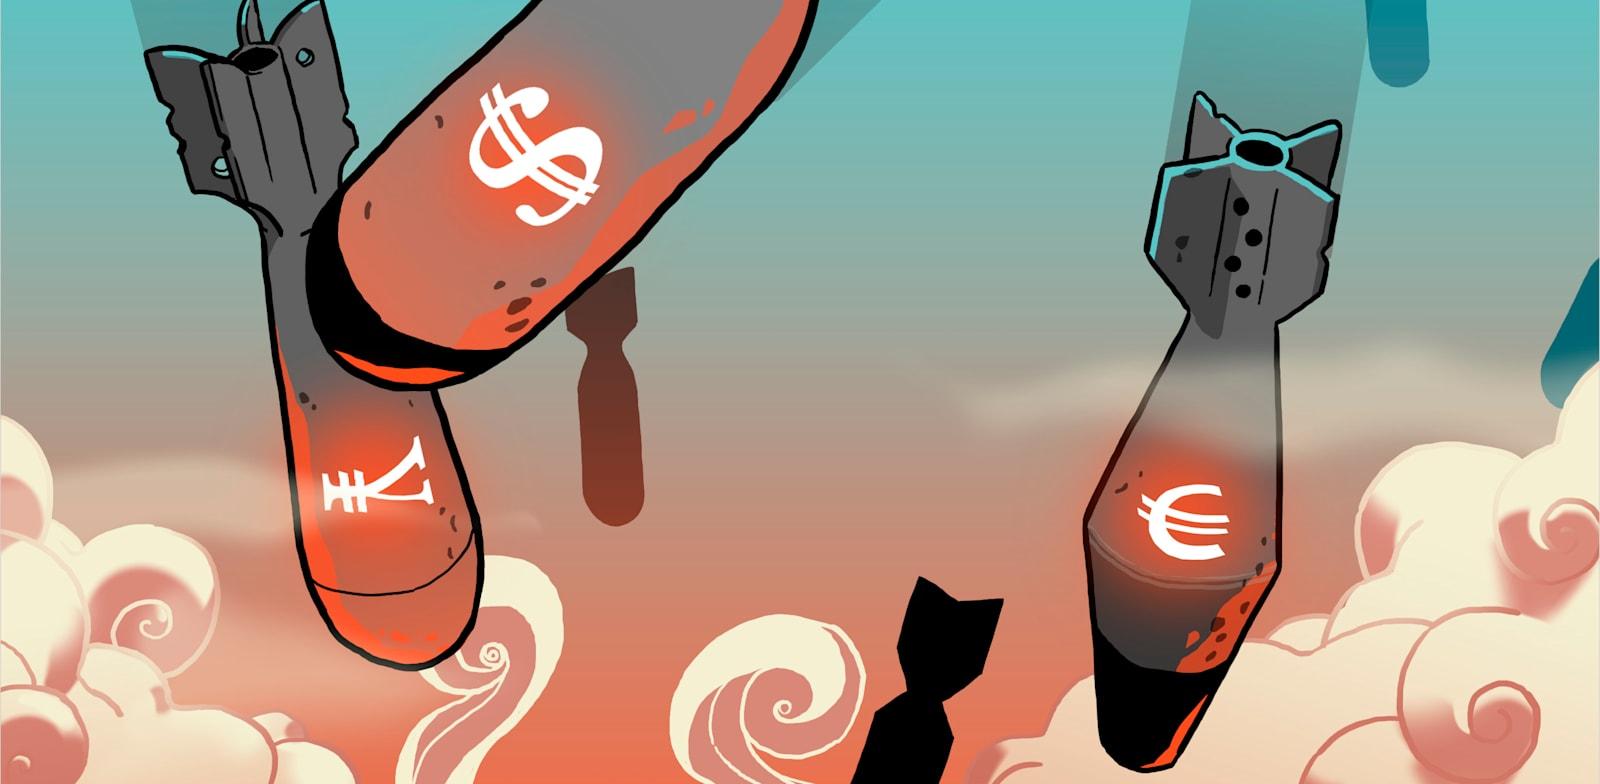 דולר יורו / איור: עומר הופמן